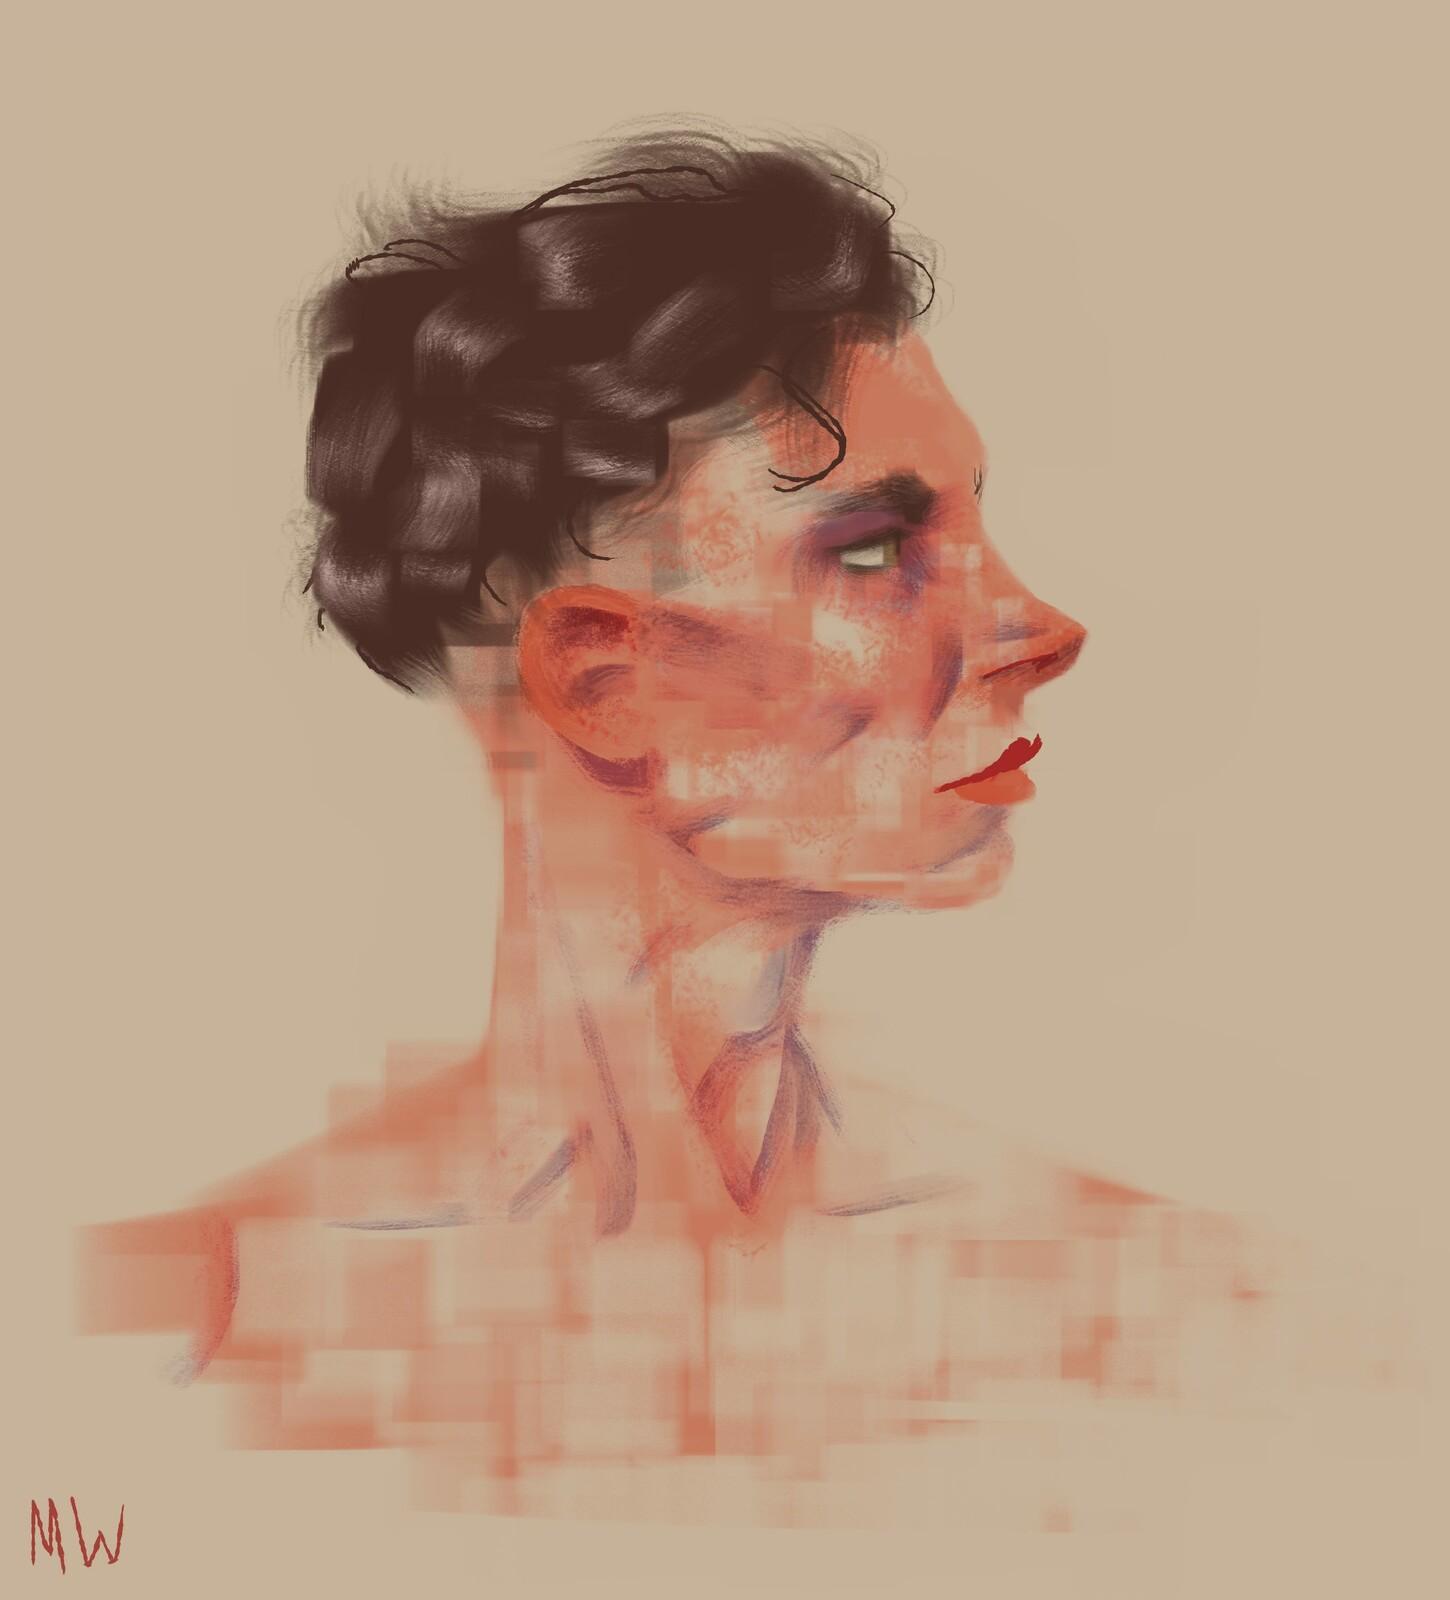 Portrait of Sé (26/11/19)